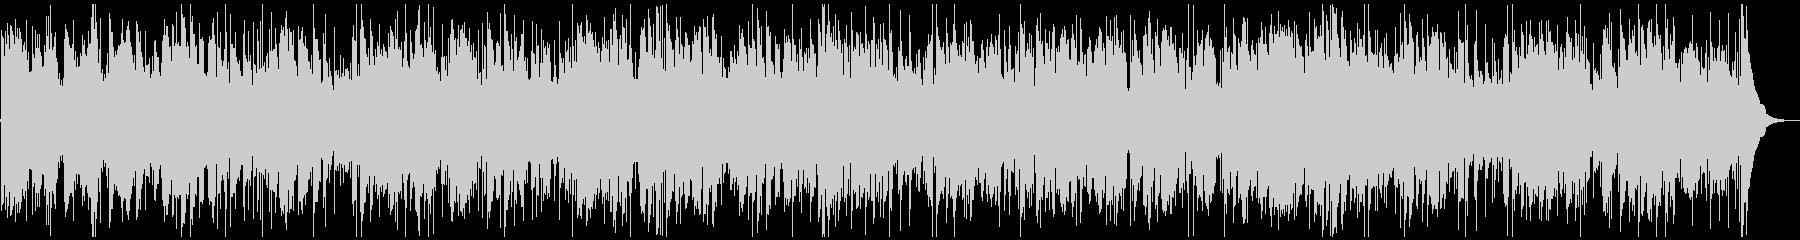 スローテンポ、モダンカントリーバラードの未再生の波形